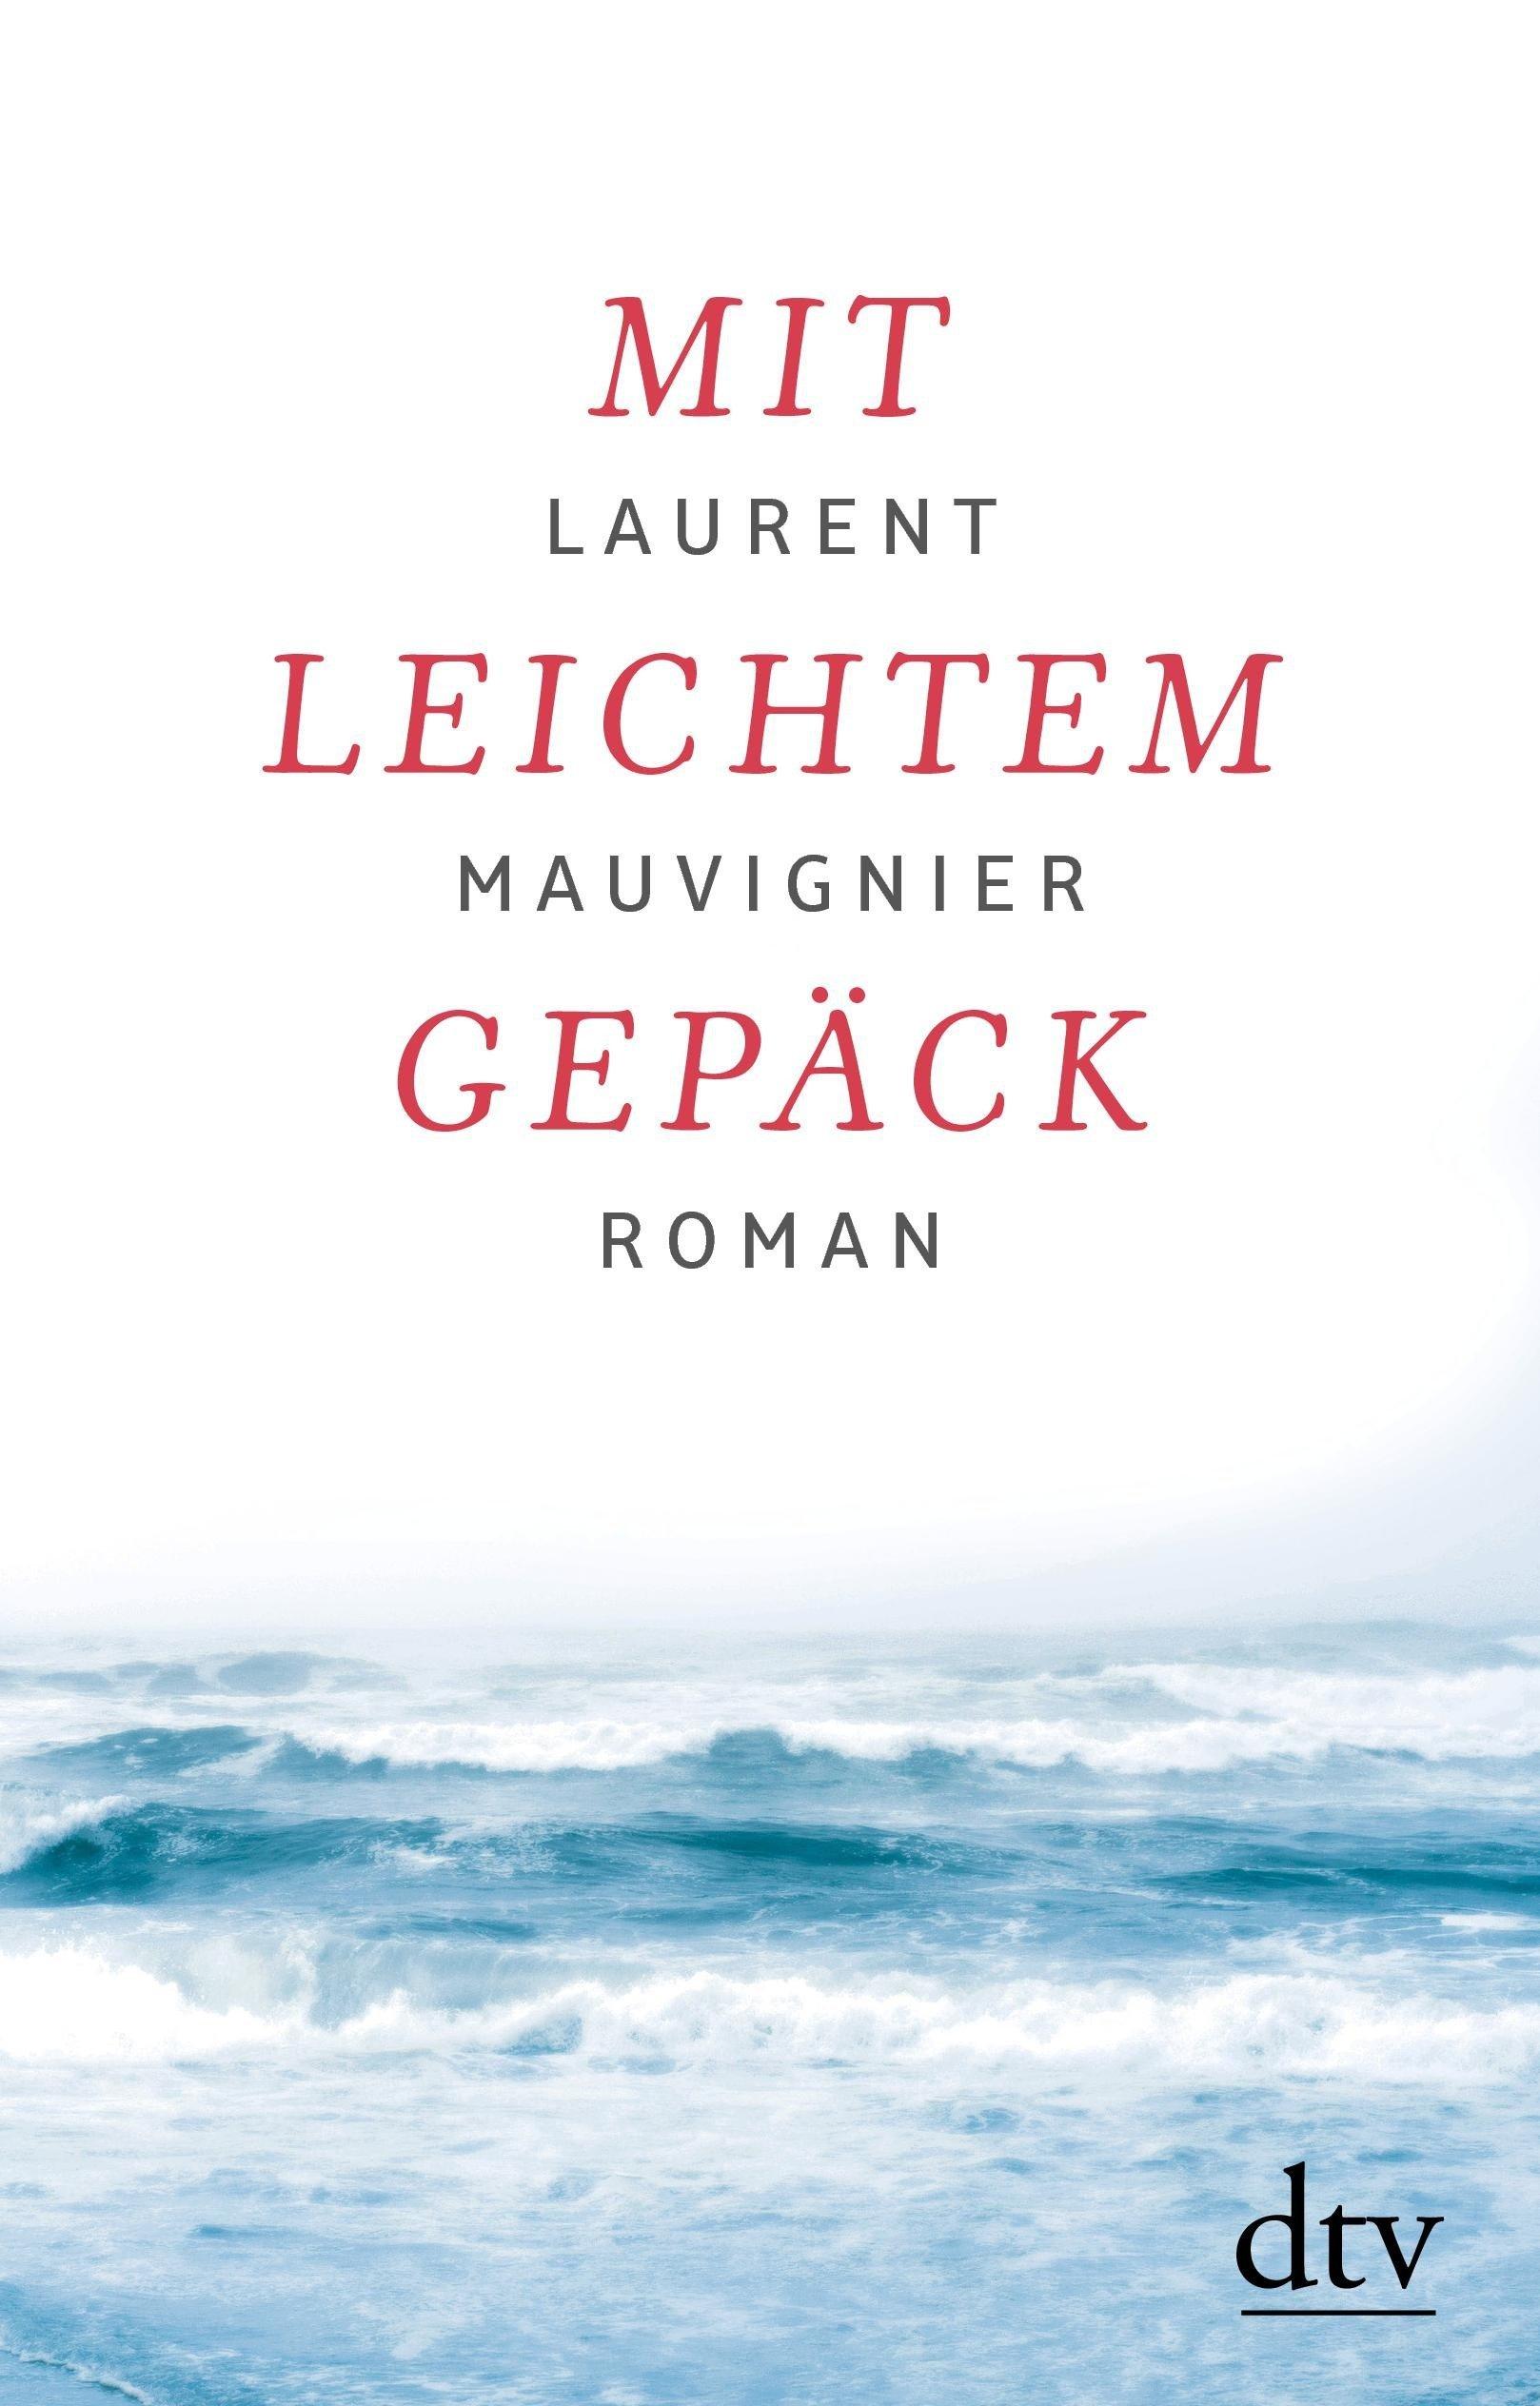 Mit leichtem Gepäck  by  Laurent Mauvignier